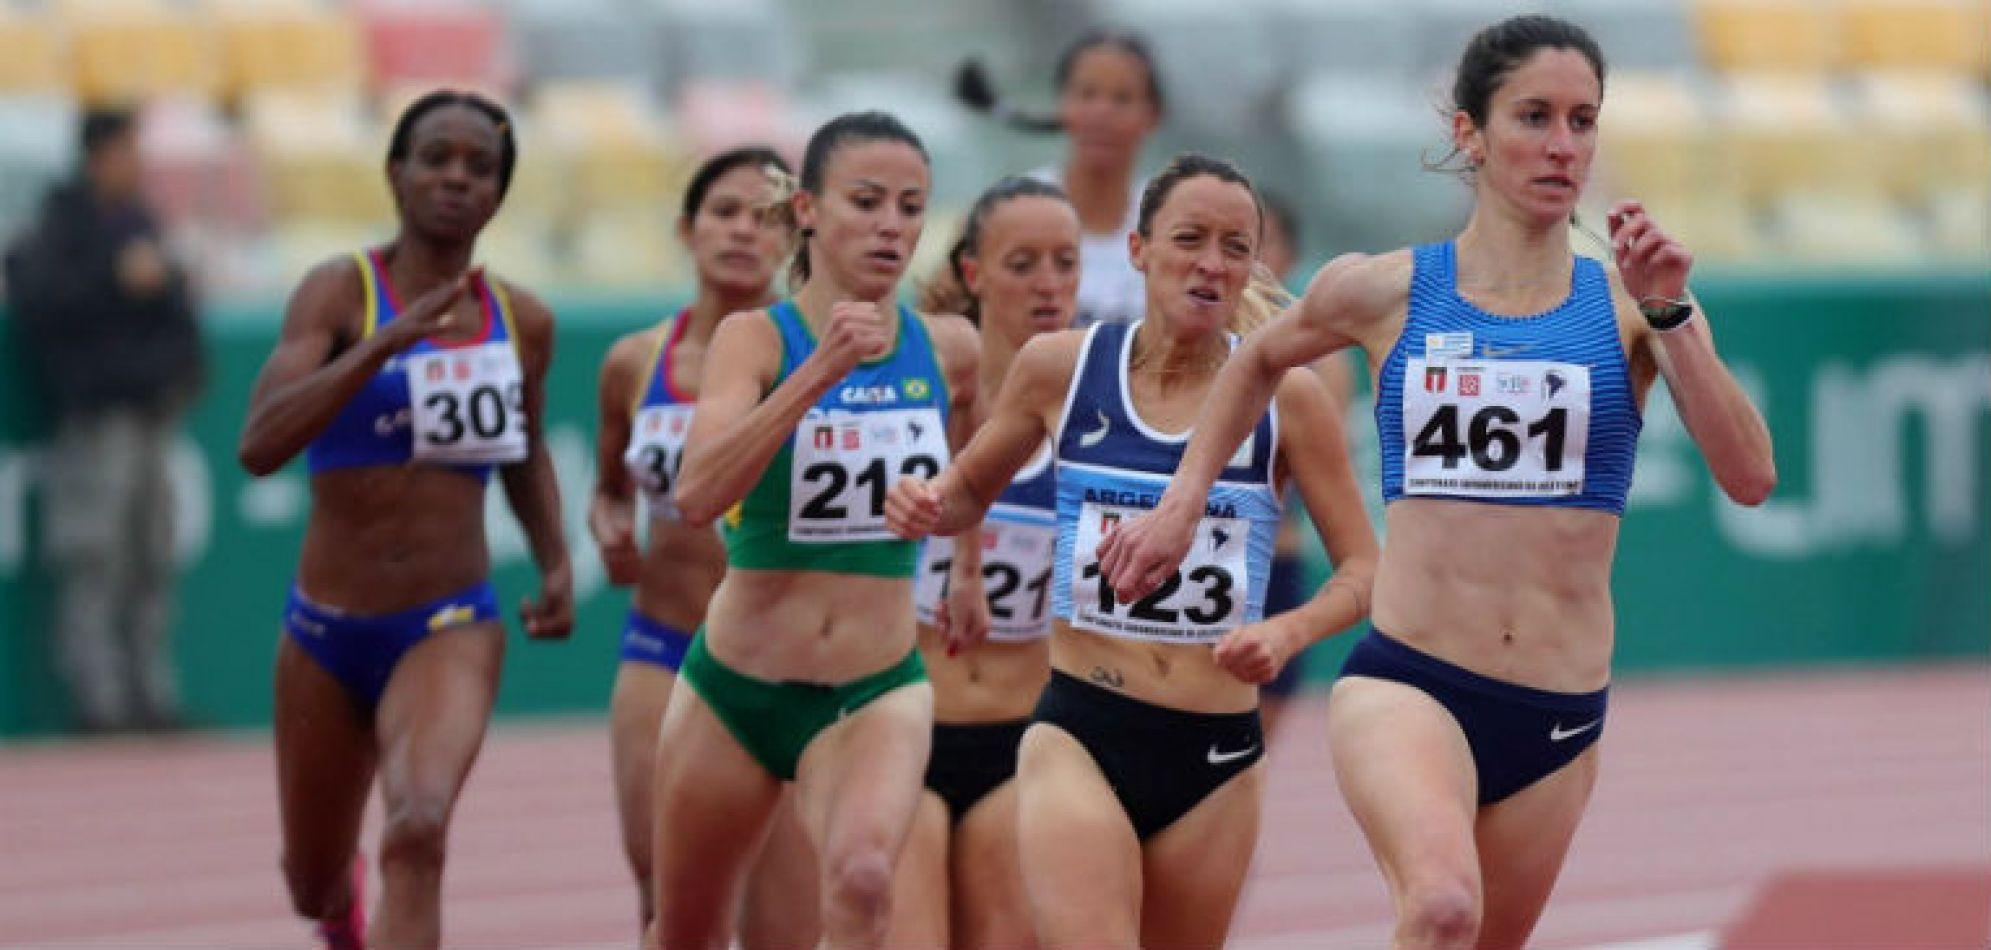 Atletísmo argentino de oro